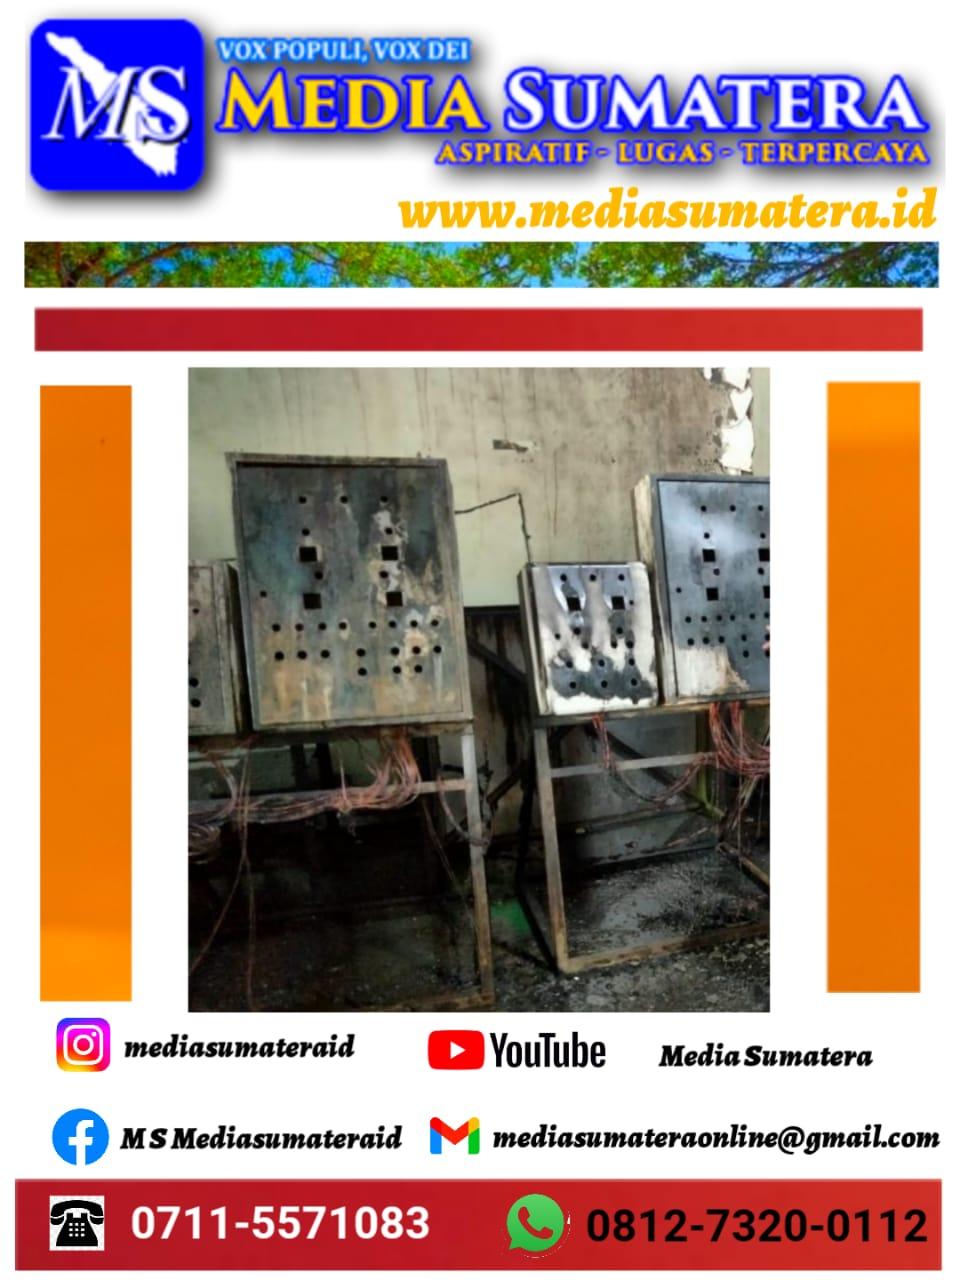 Pabrik Roti Di KIM Star Tanjung Morawa Terbakar, Kerugian Ditaksir Rp 250 Juta